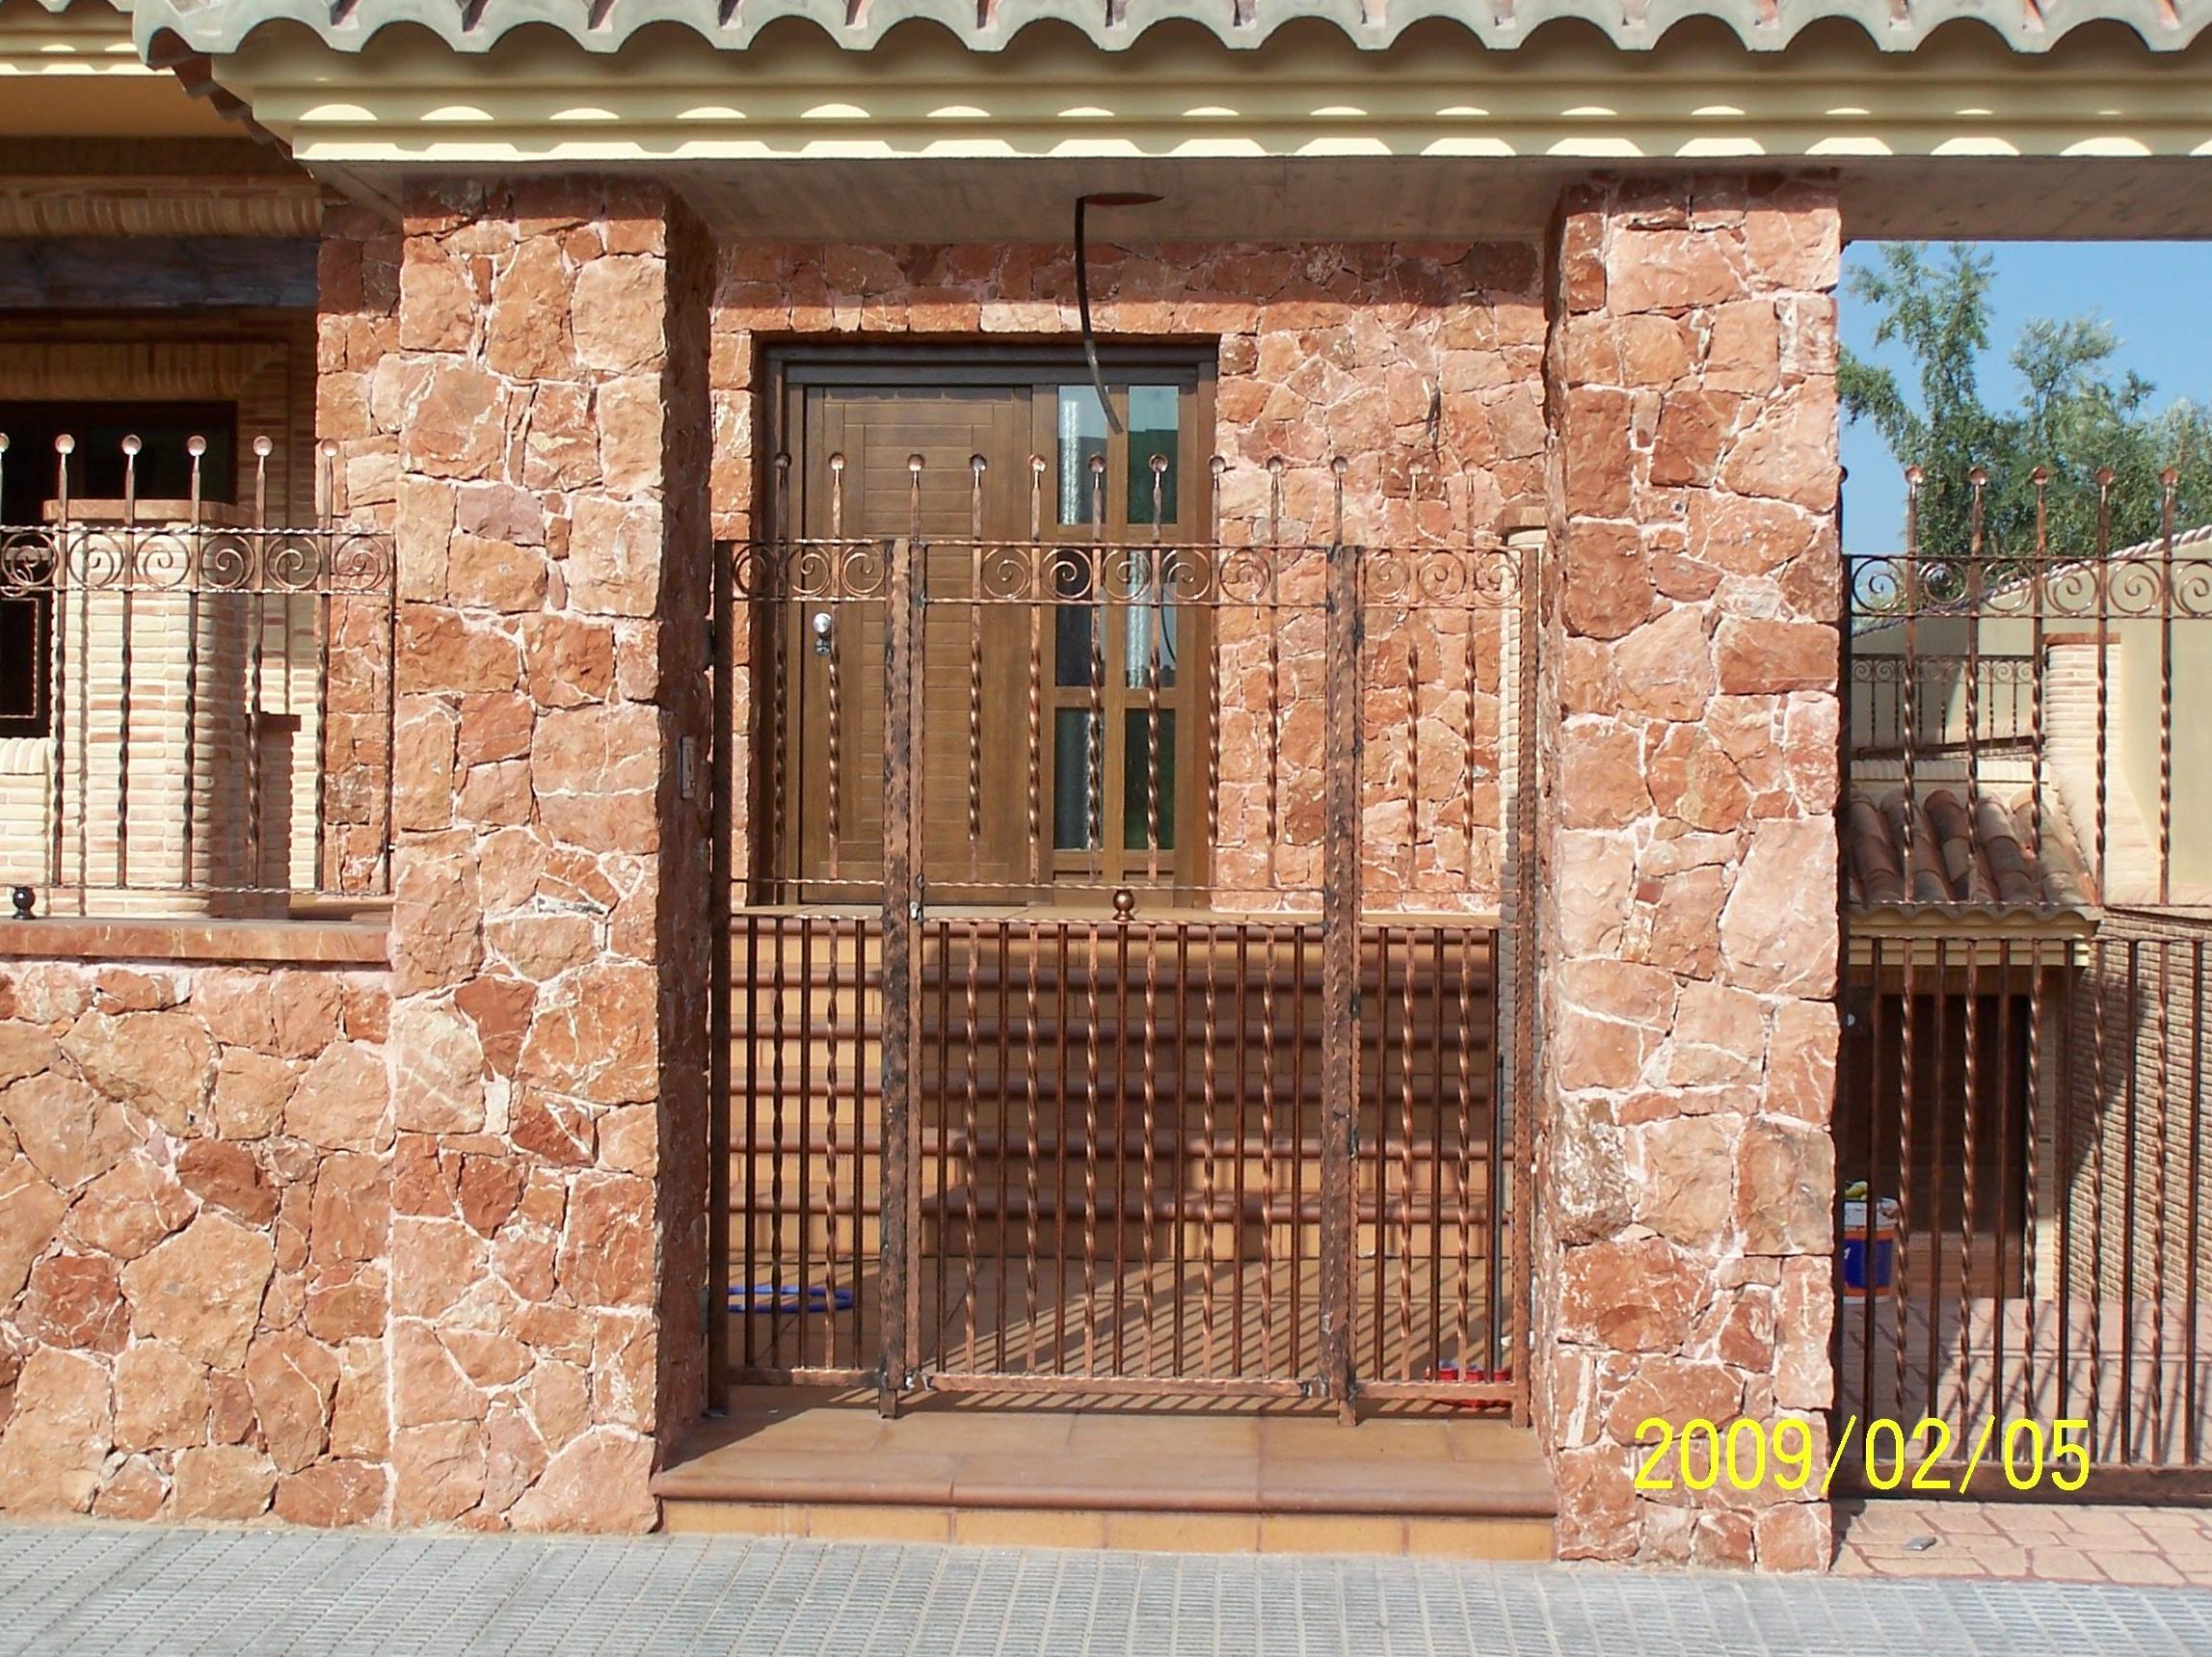 Pilares en mármol rojo Alicante